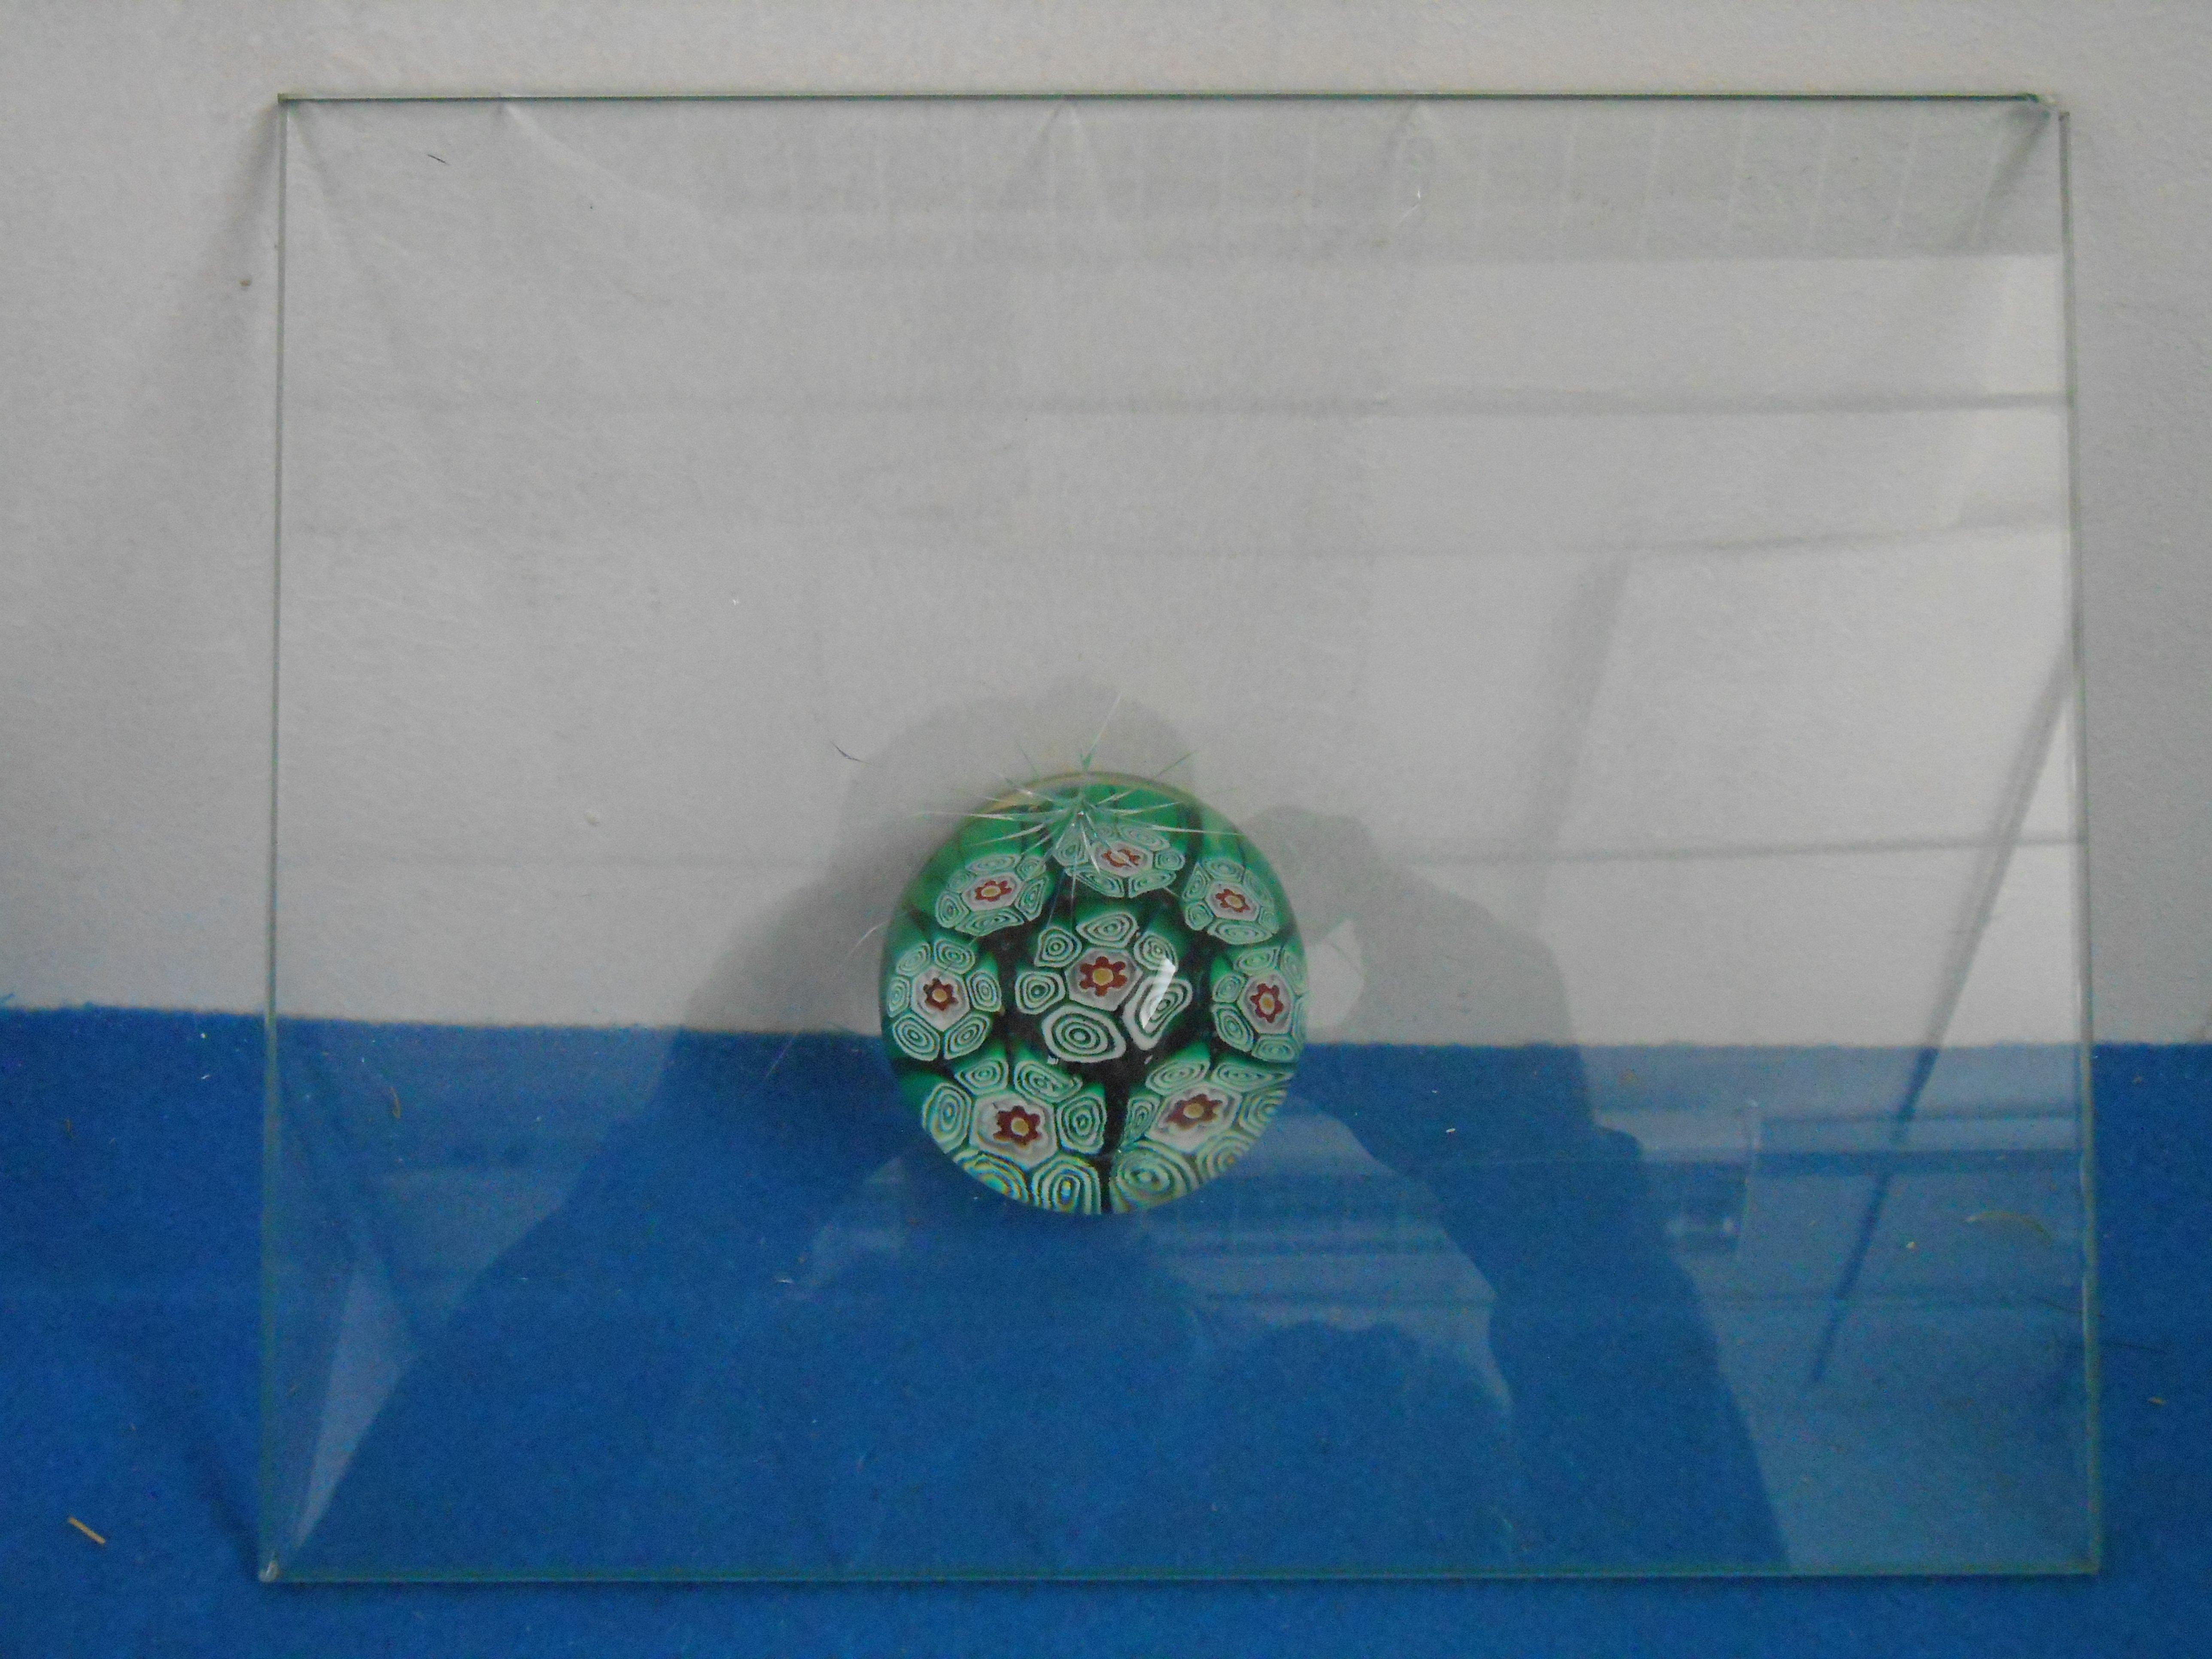 palla in vetro dentro un rivestimento